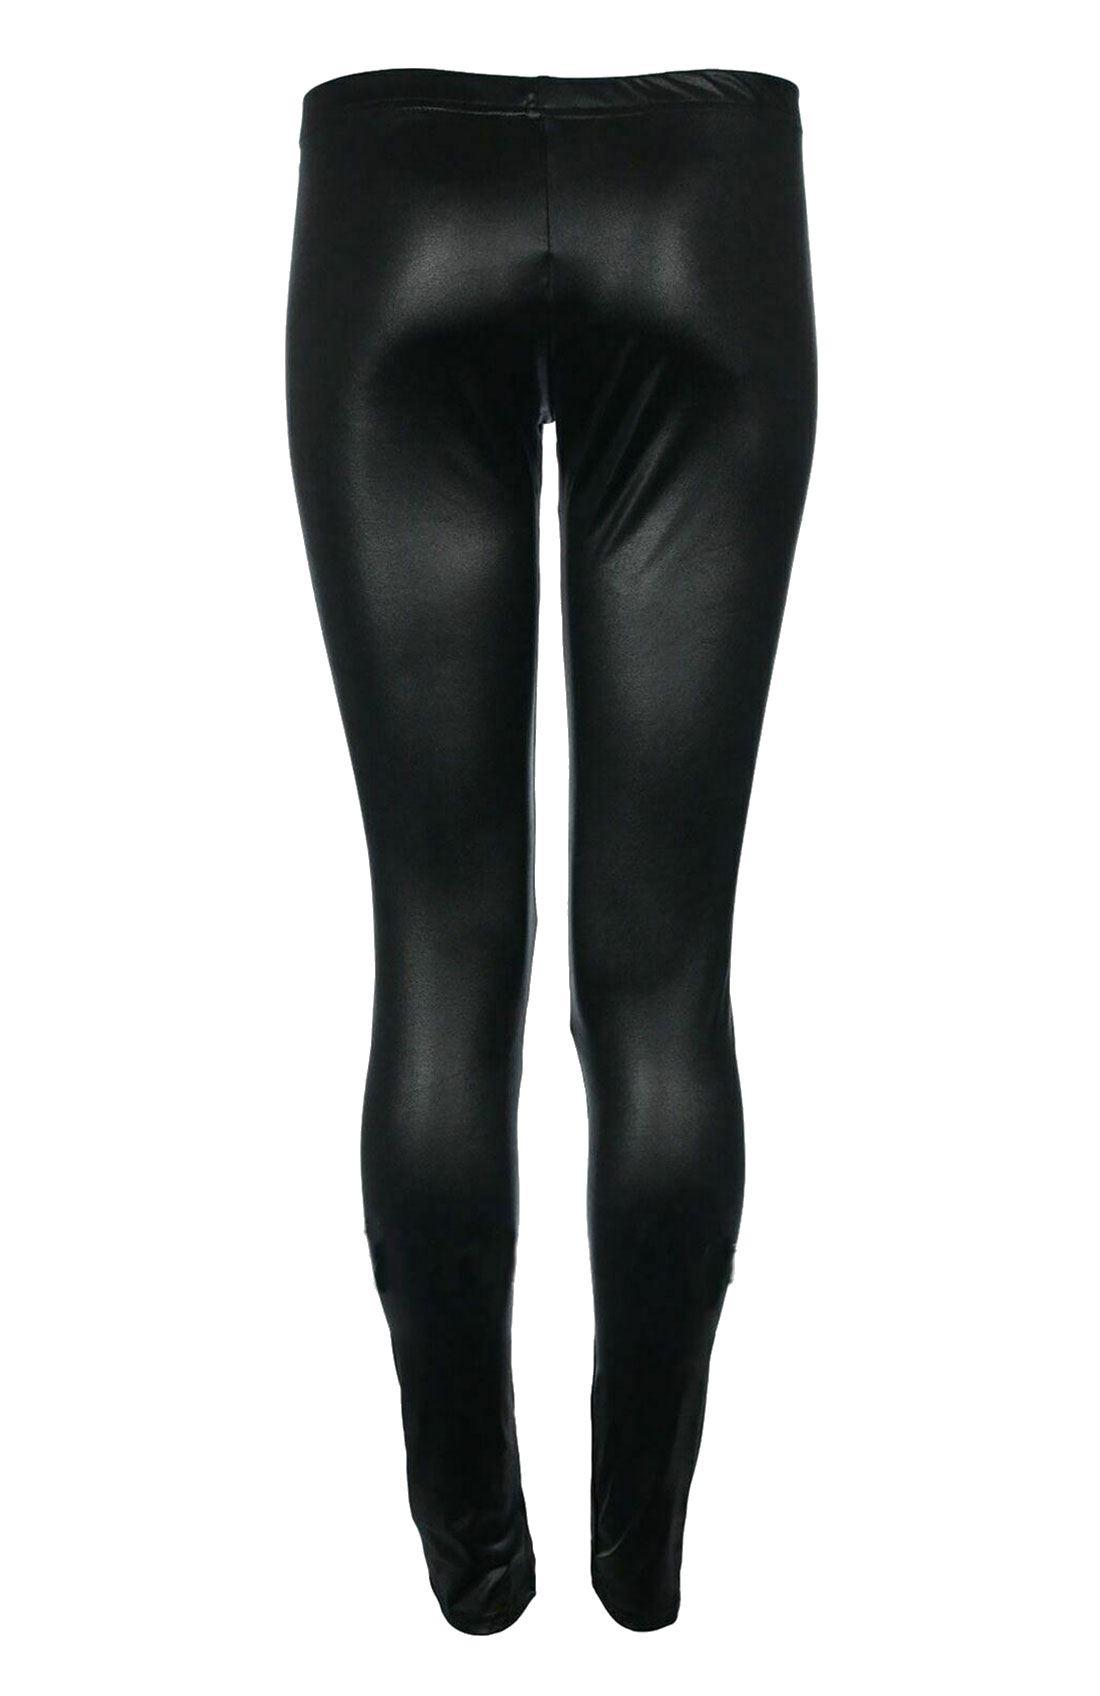 Chaussures Femme Taille Élastique Faux Cuir Noir Leggings Aspect Mouillé PVC Stretch Tight Pant